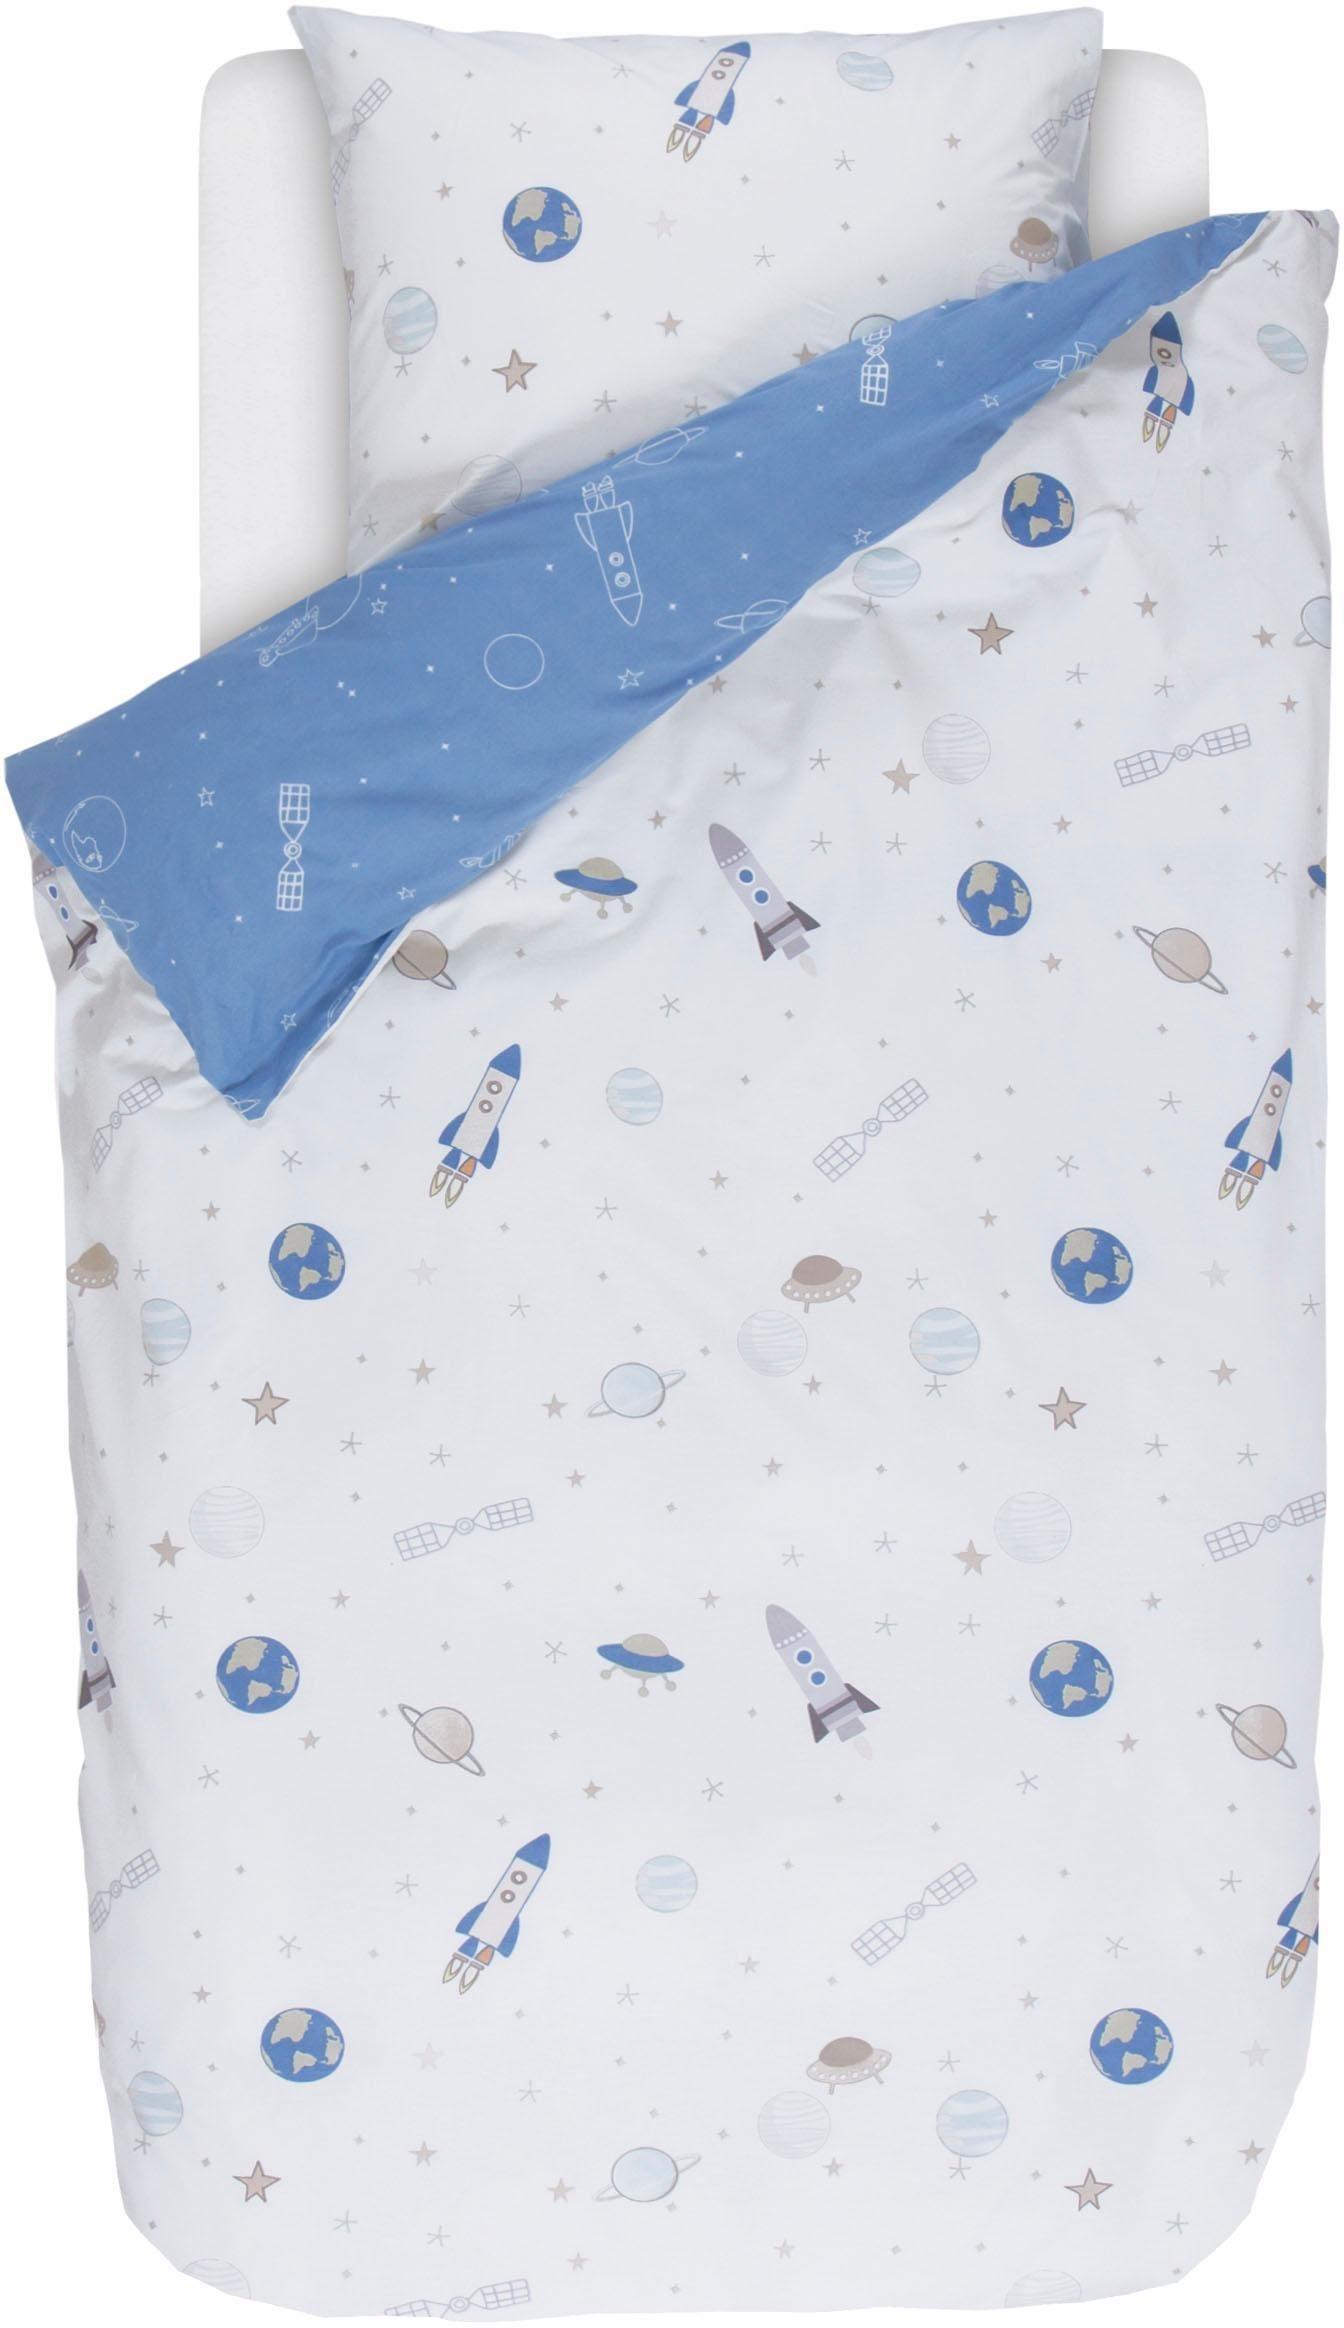 Kinderbettwäsche »Spaceships«, Esprit, mit Raumschiffen | Kinderzimmer > Textilien für Kinder > Kinderbettwäsche | Esprit